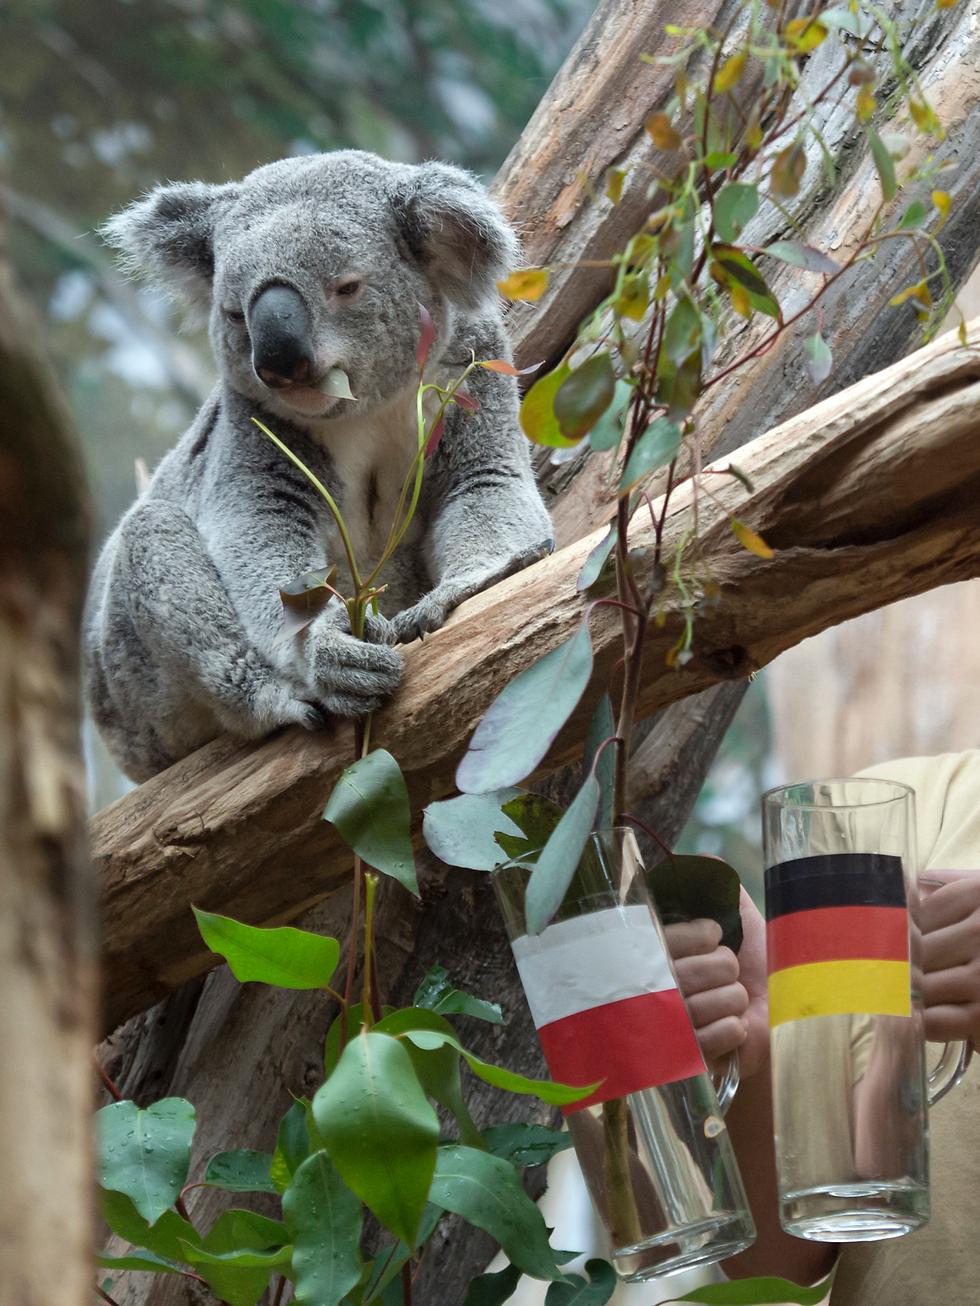 דוב קואלה מנסה להכריע מי תנצח במשחק בין גרמניה לפולין ביורו. נגמר 0:0 (צילום: AP)